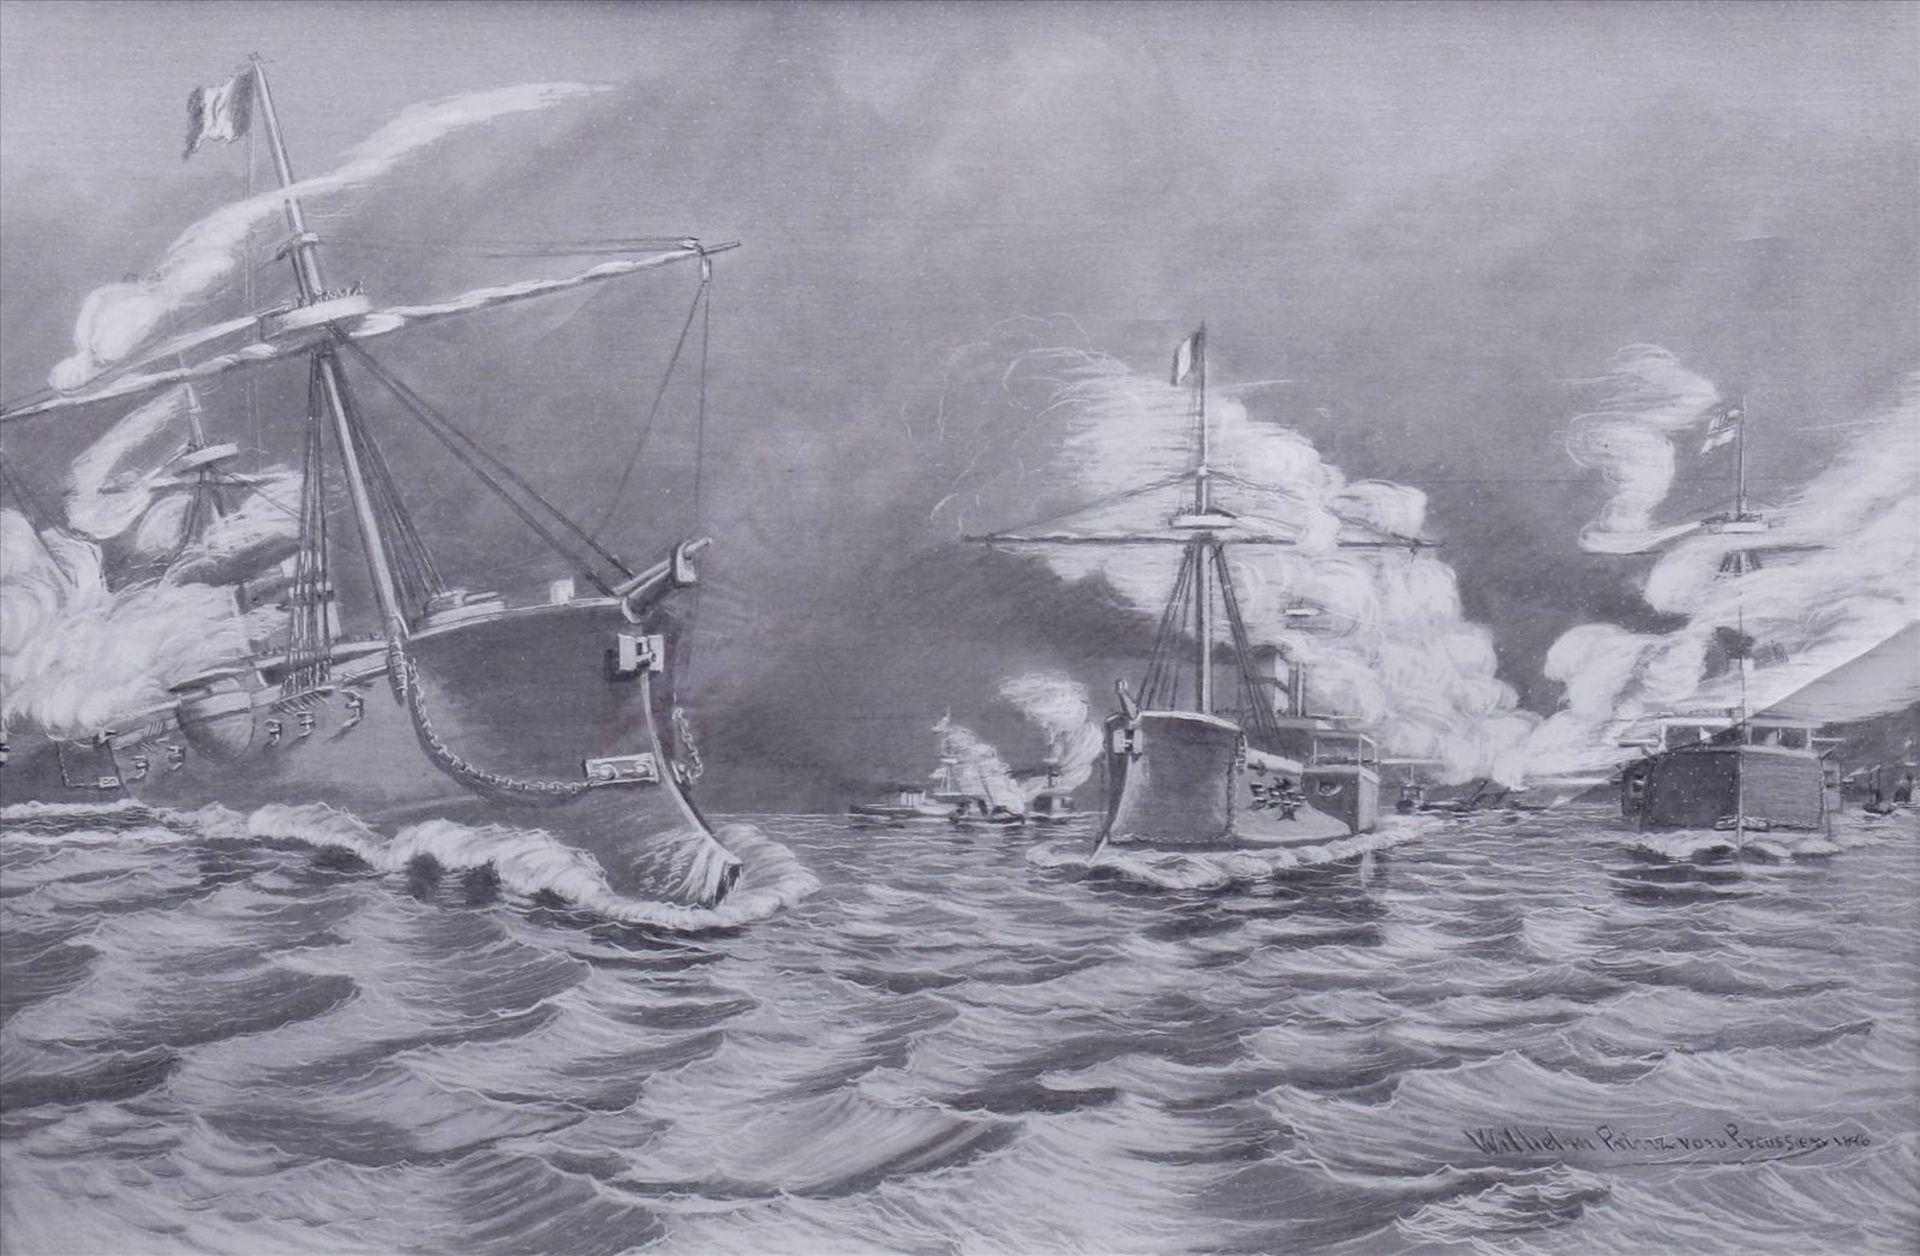 Wilhelm Prinz von Preußen, Kriegsschiffe der MarineDruck nach einem Gemälde, 1886, u.r. im Blatt - Bild 2 aus 6